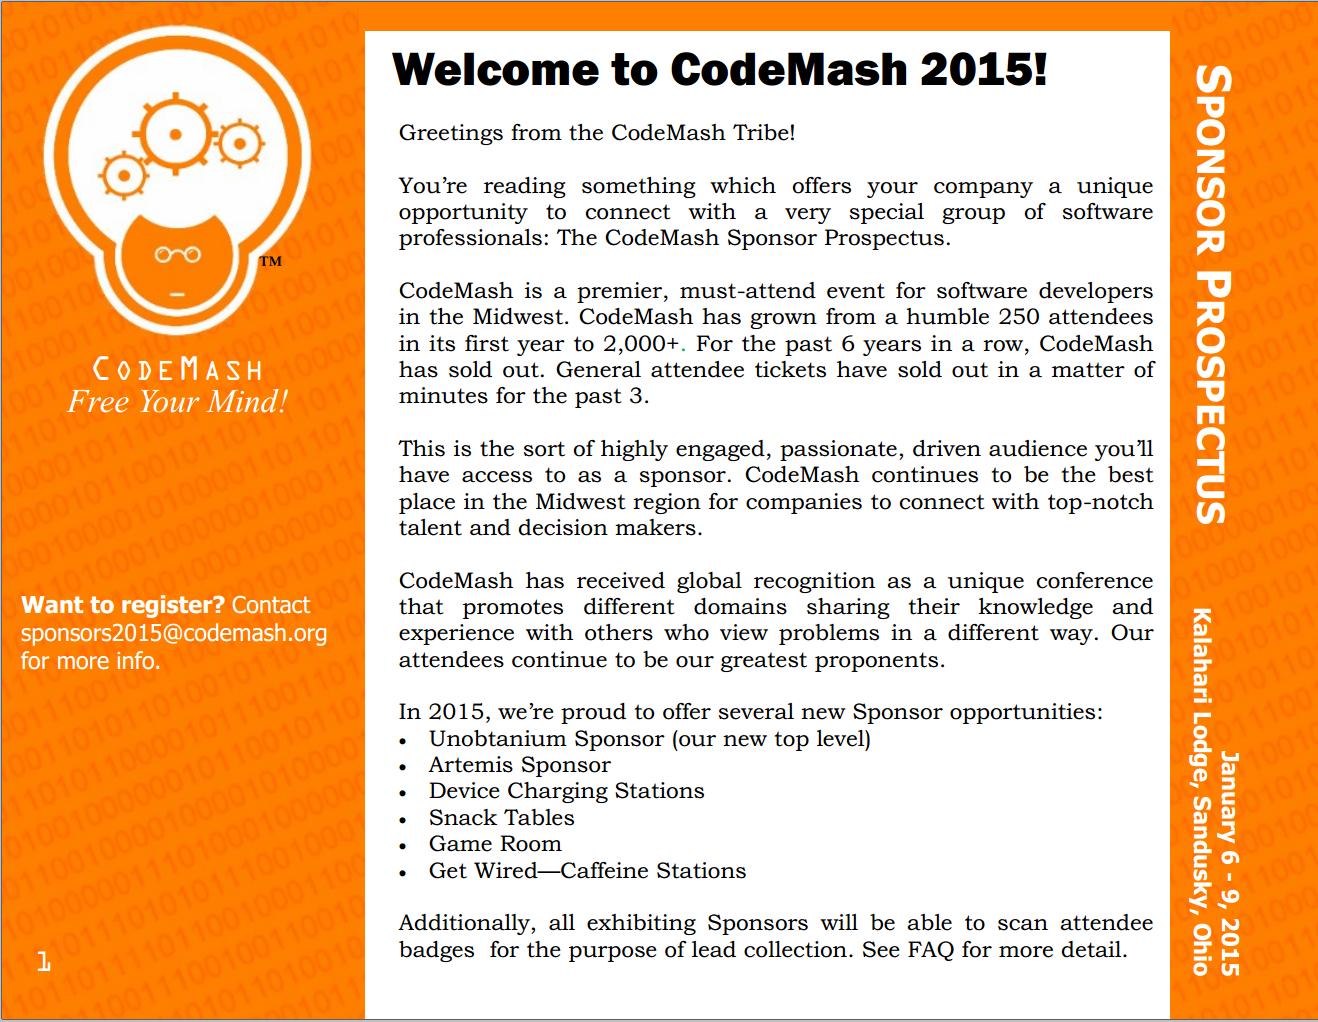 CM2015-Prospectus Cover - CodeMash